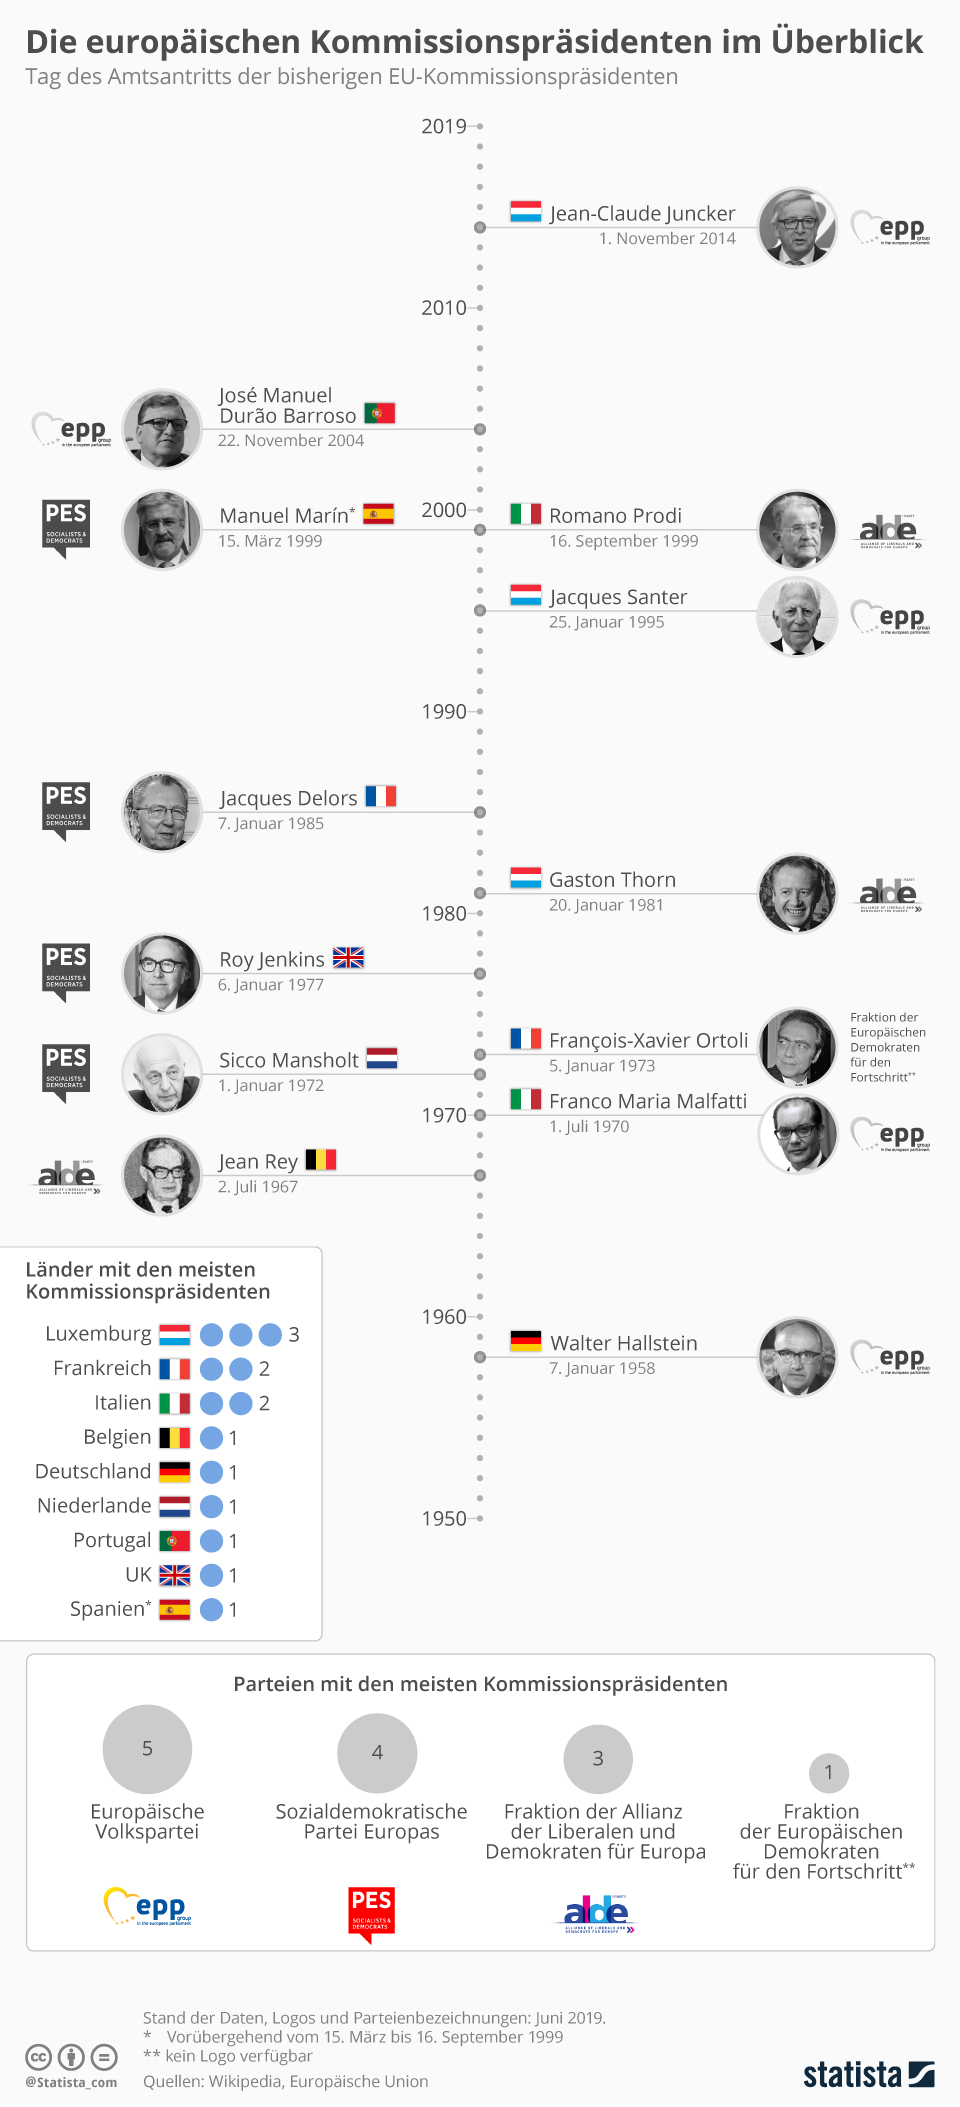 Infografik: Die europäischen Kommissionspräsidenten im Überblick | Statista